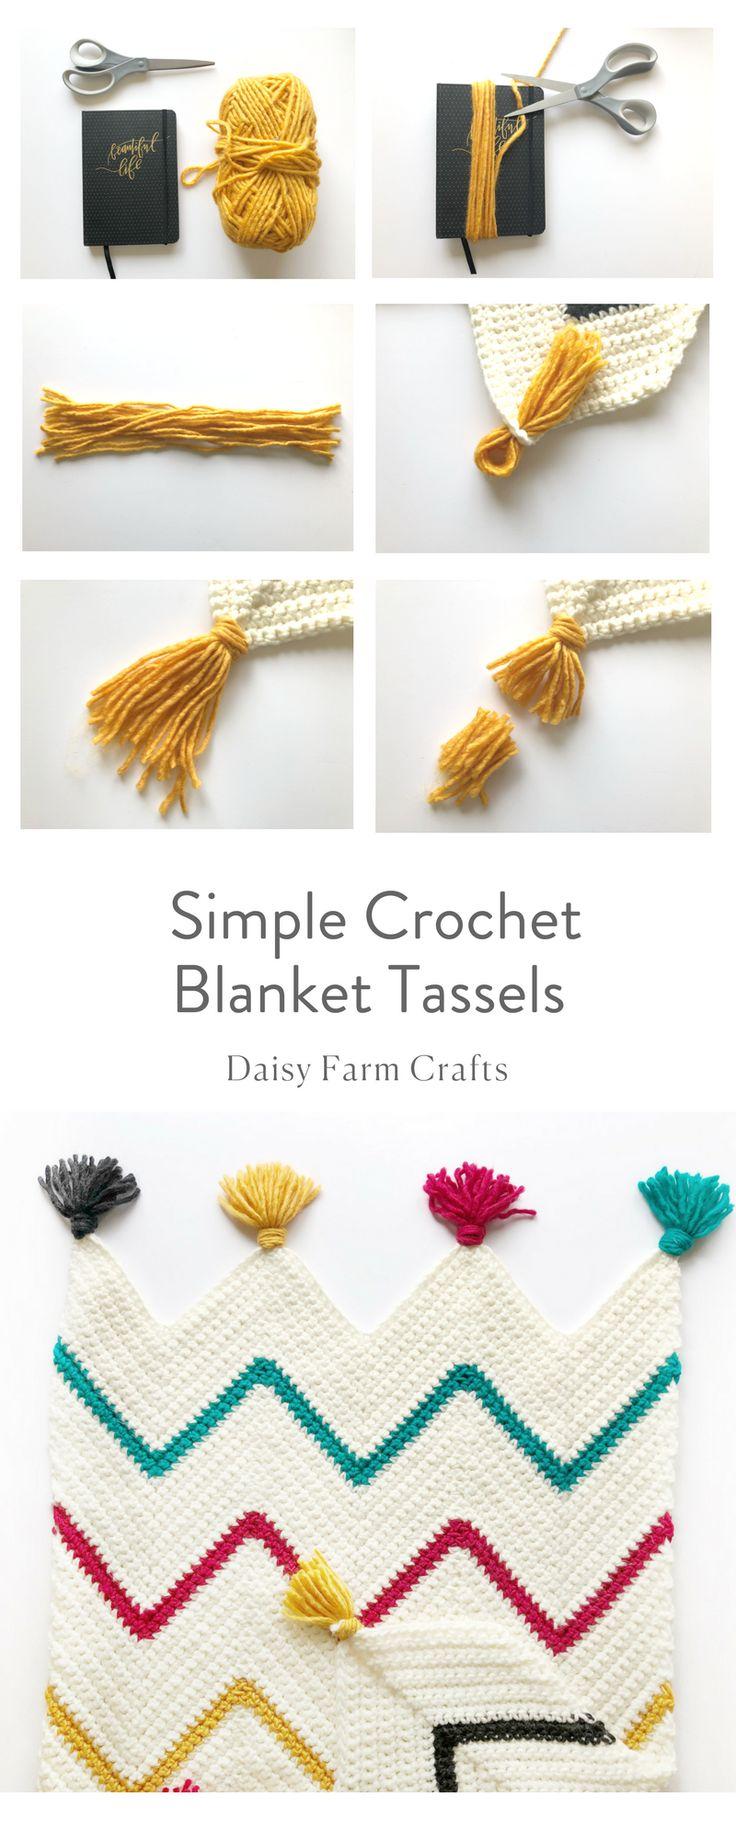 Free Pattern – Simple Crochet Blanket Tassels